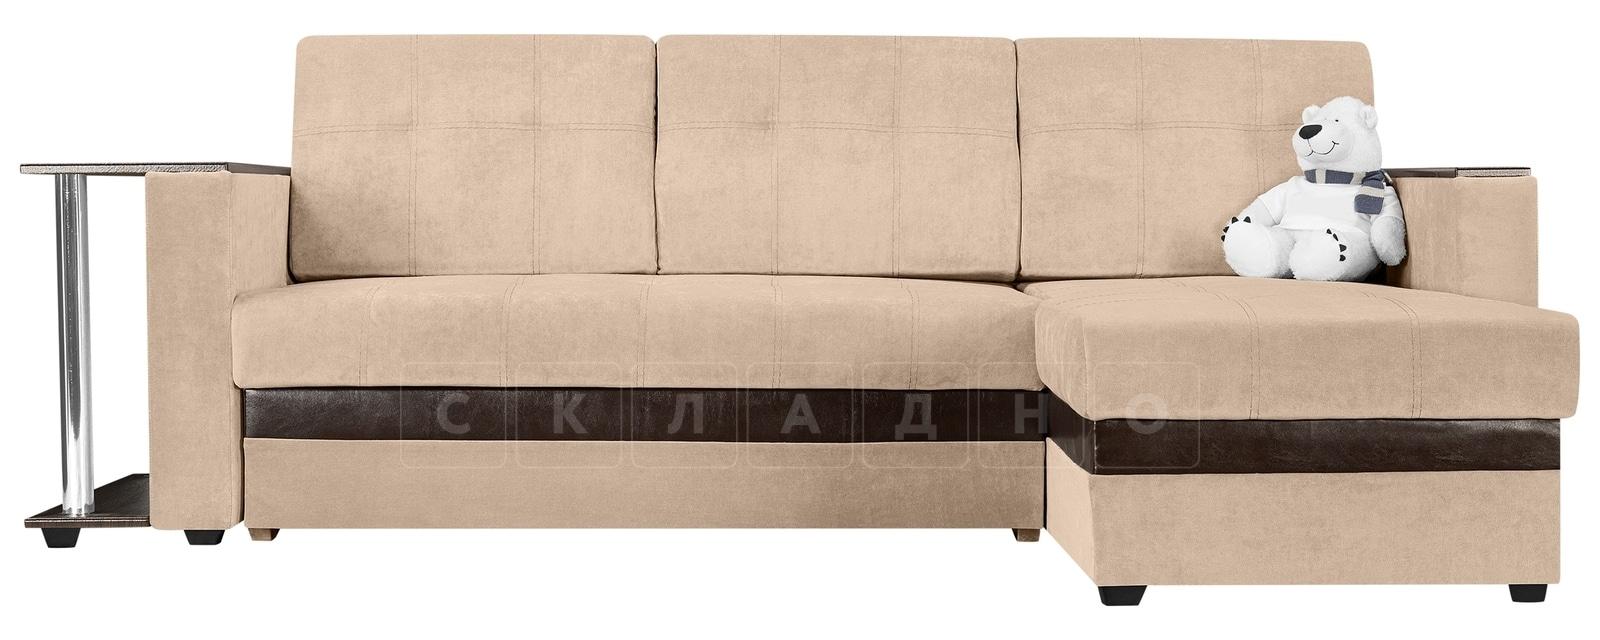 Угловой диван Атланта вельвет бежевый фото 2 | интернет-магазин Складно